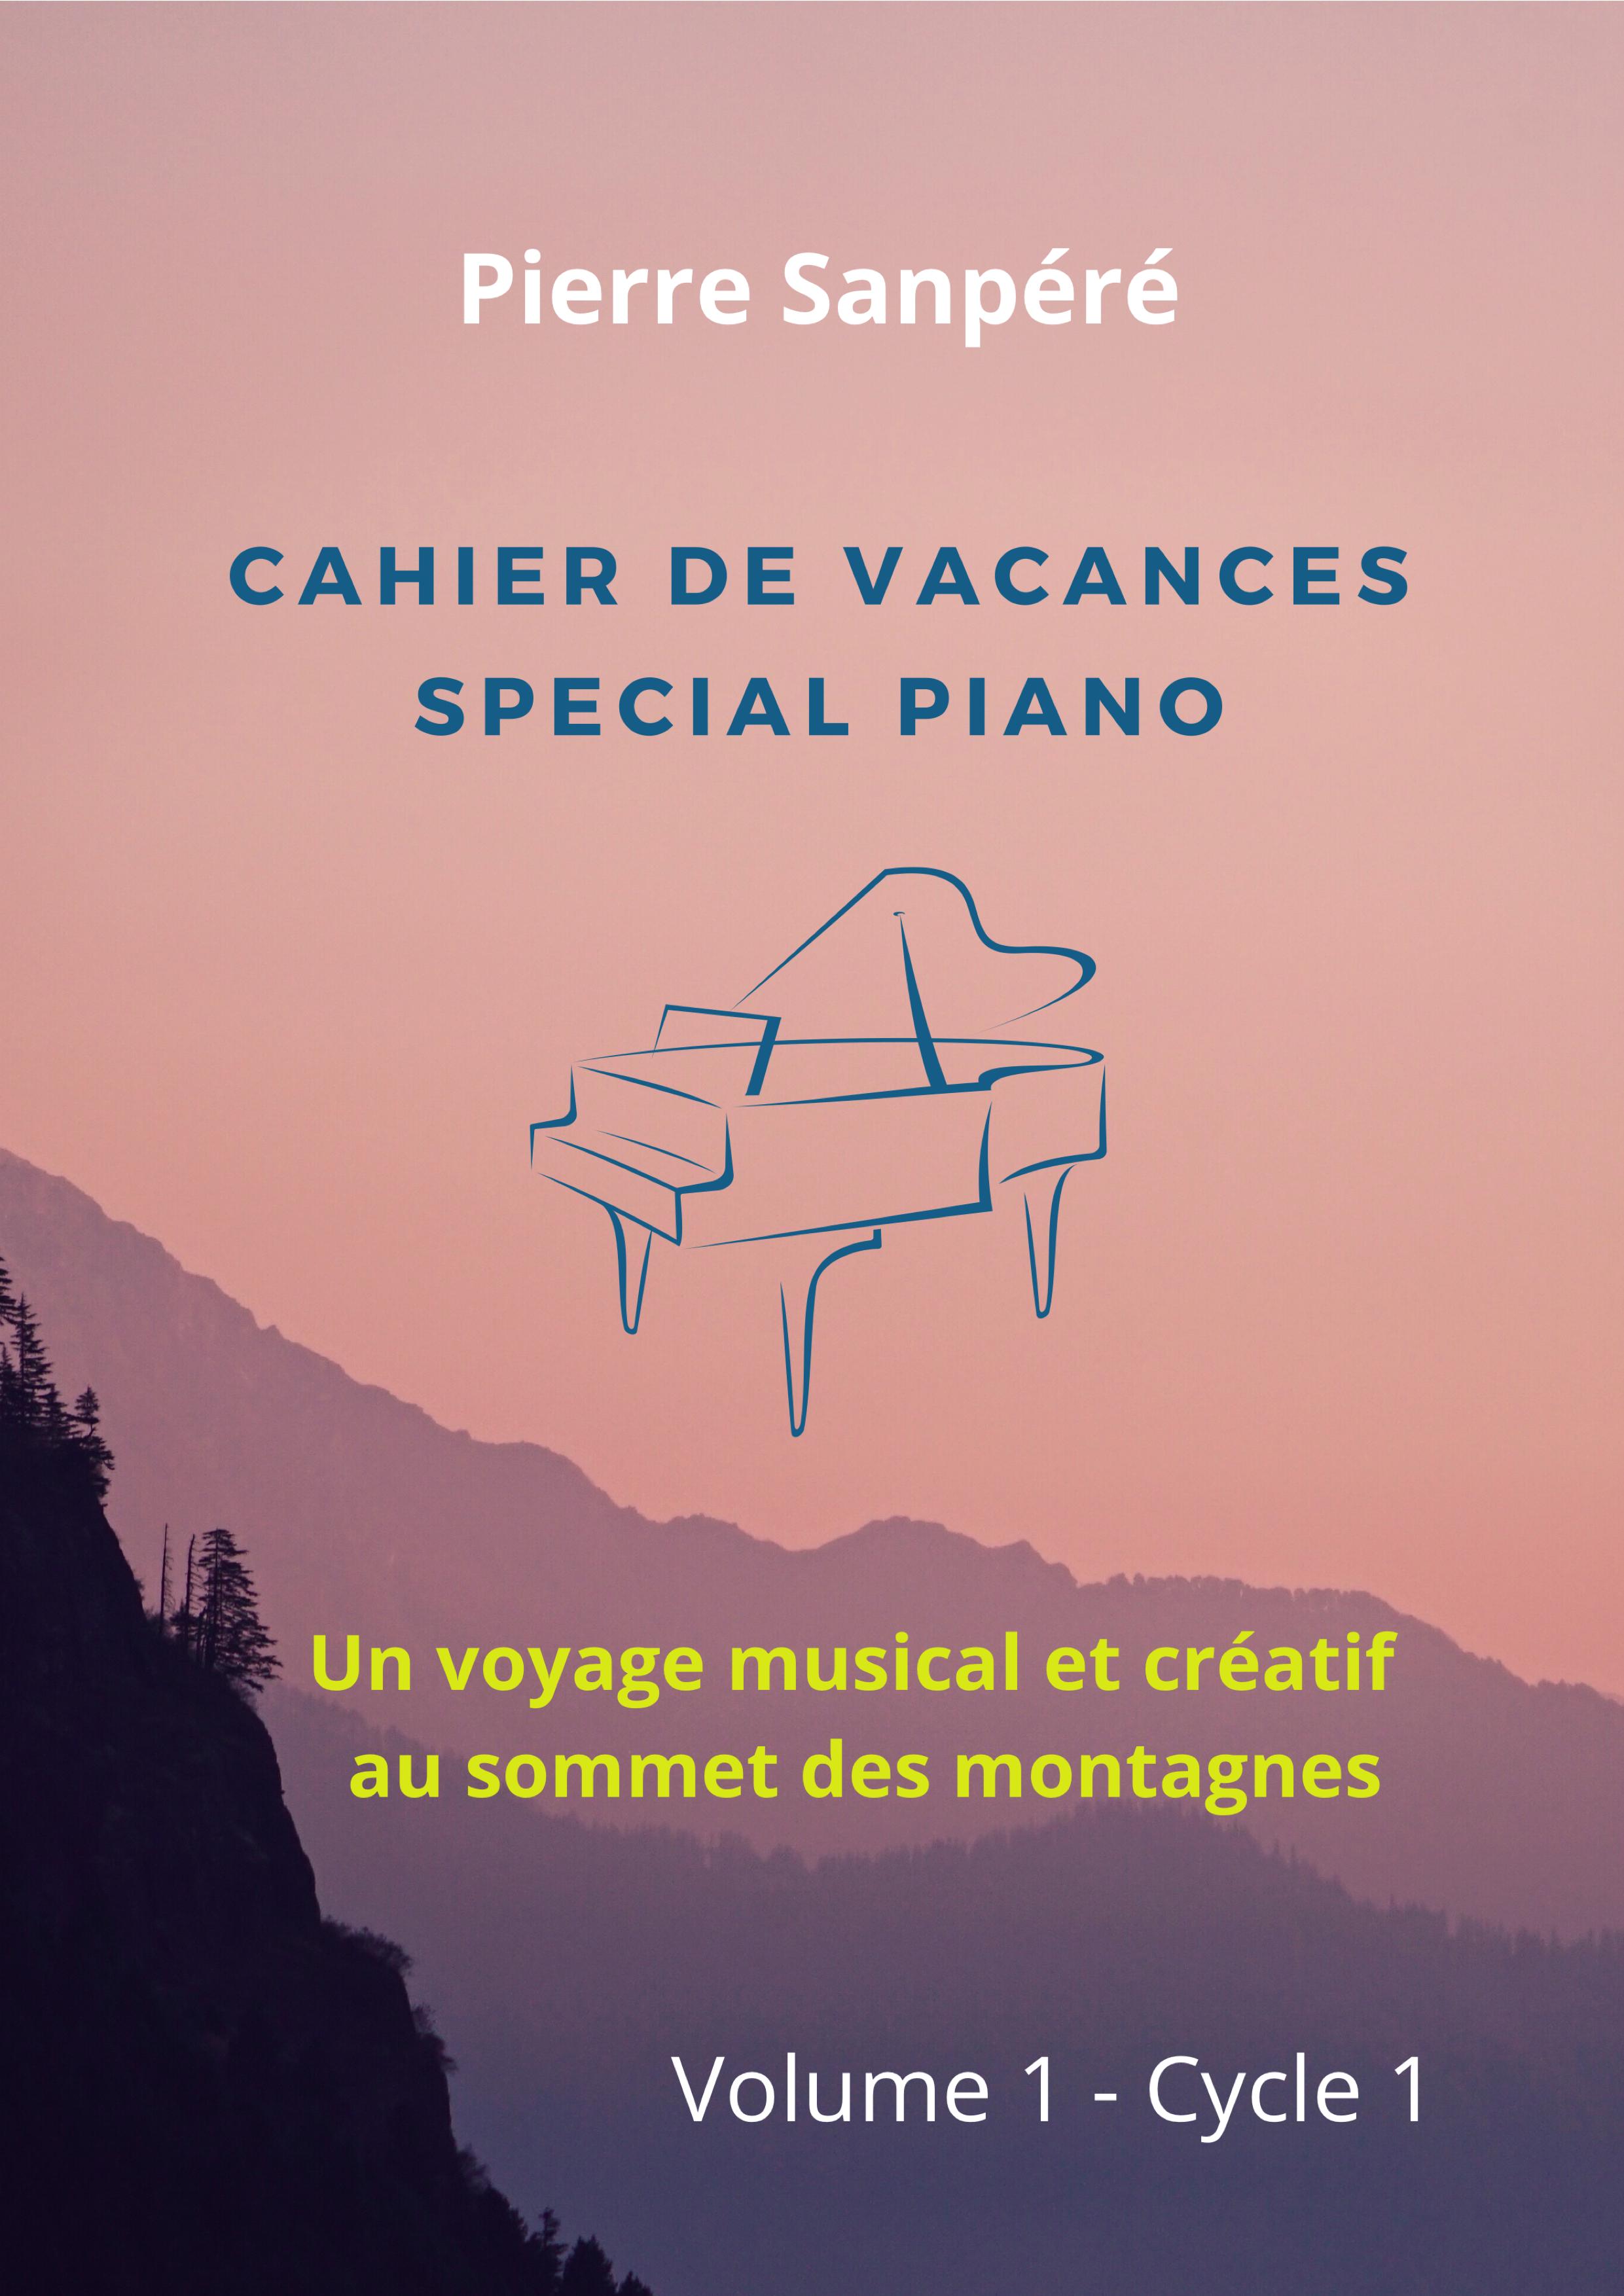 Cahier de vacances pour Piano volume 1